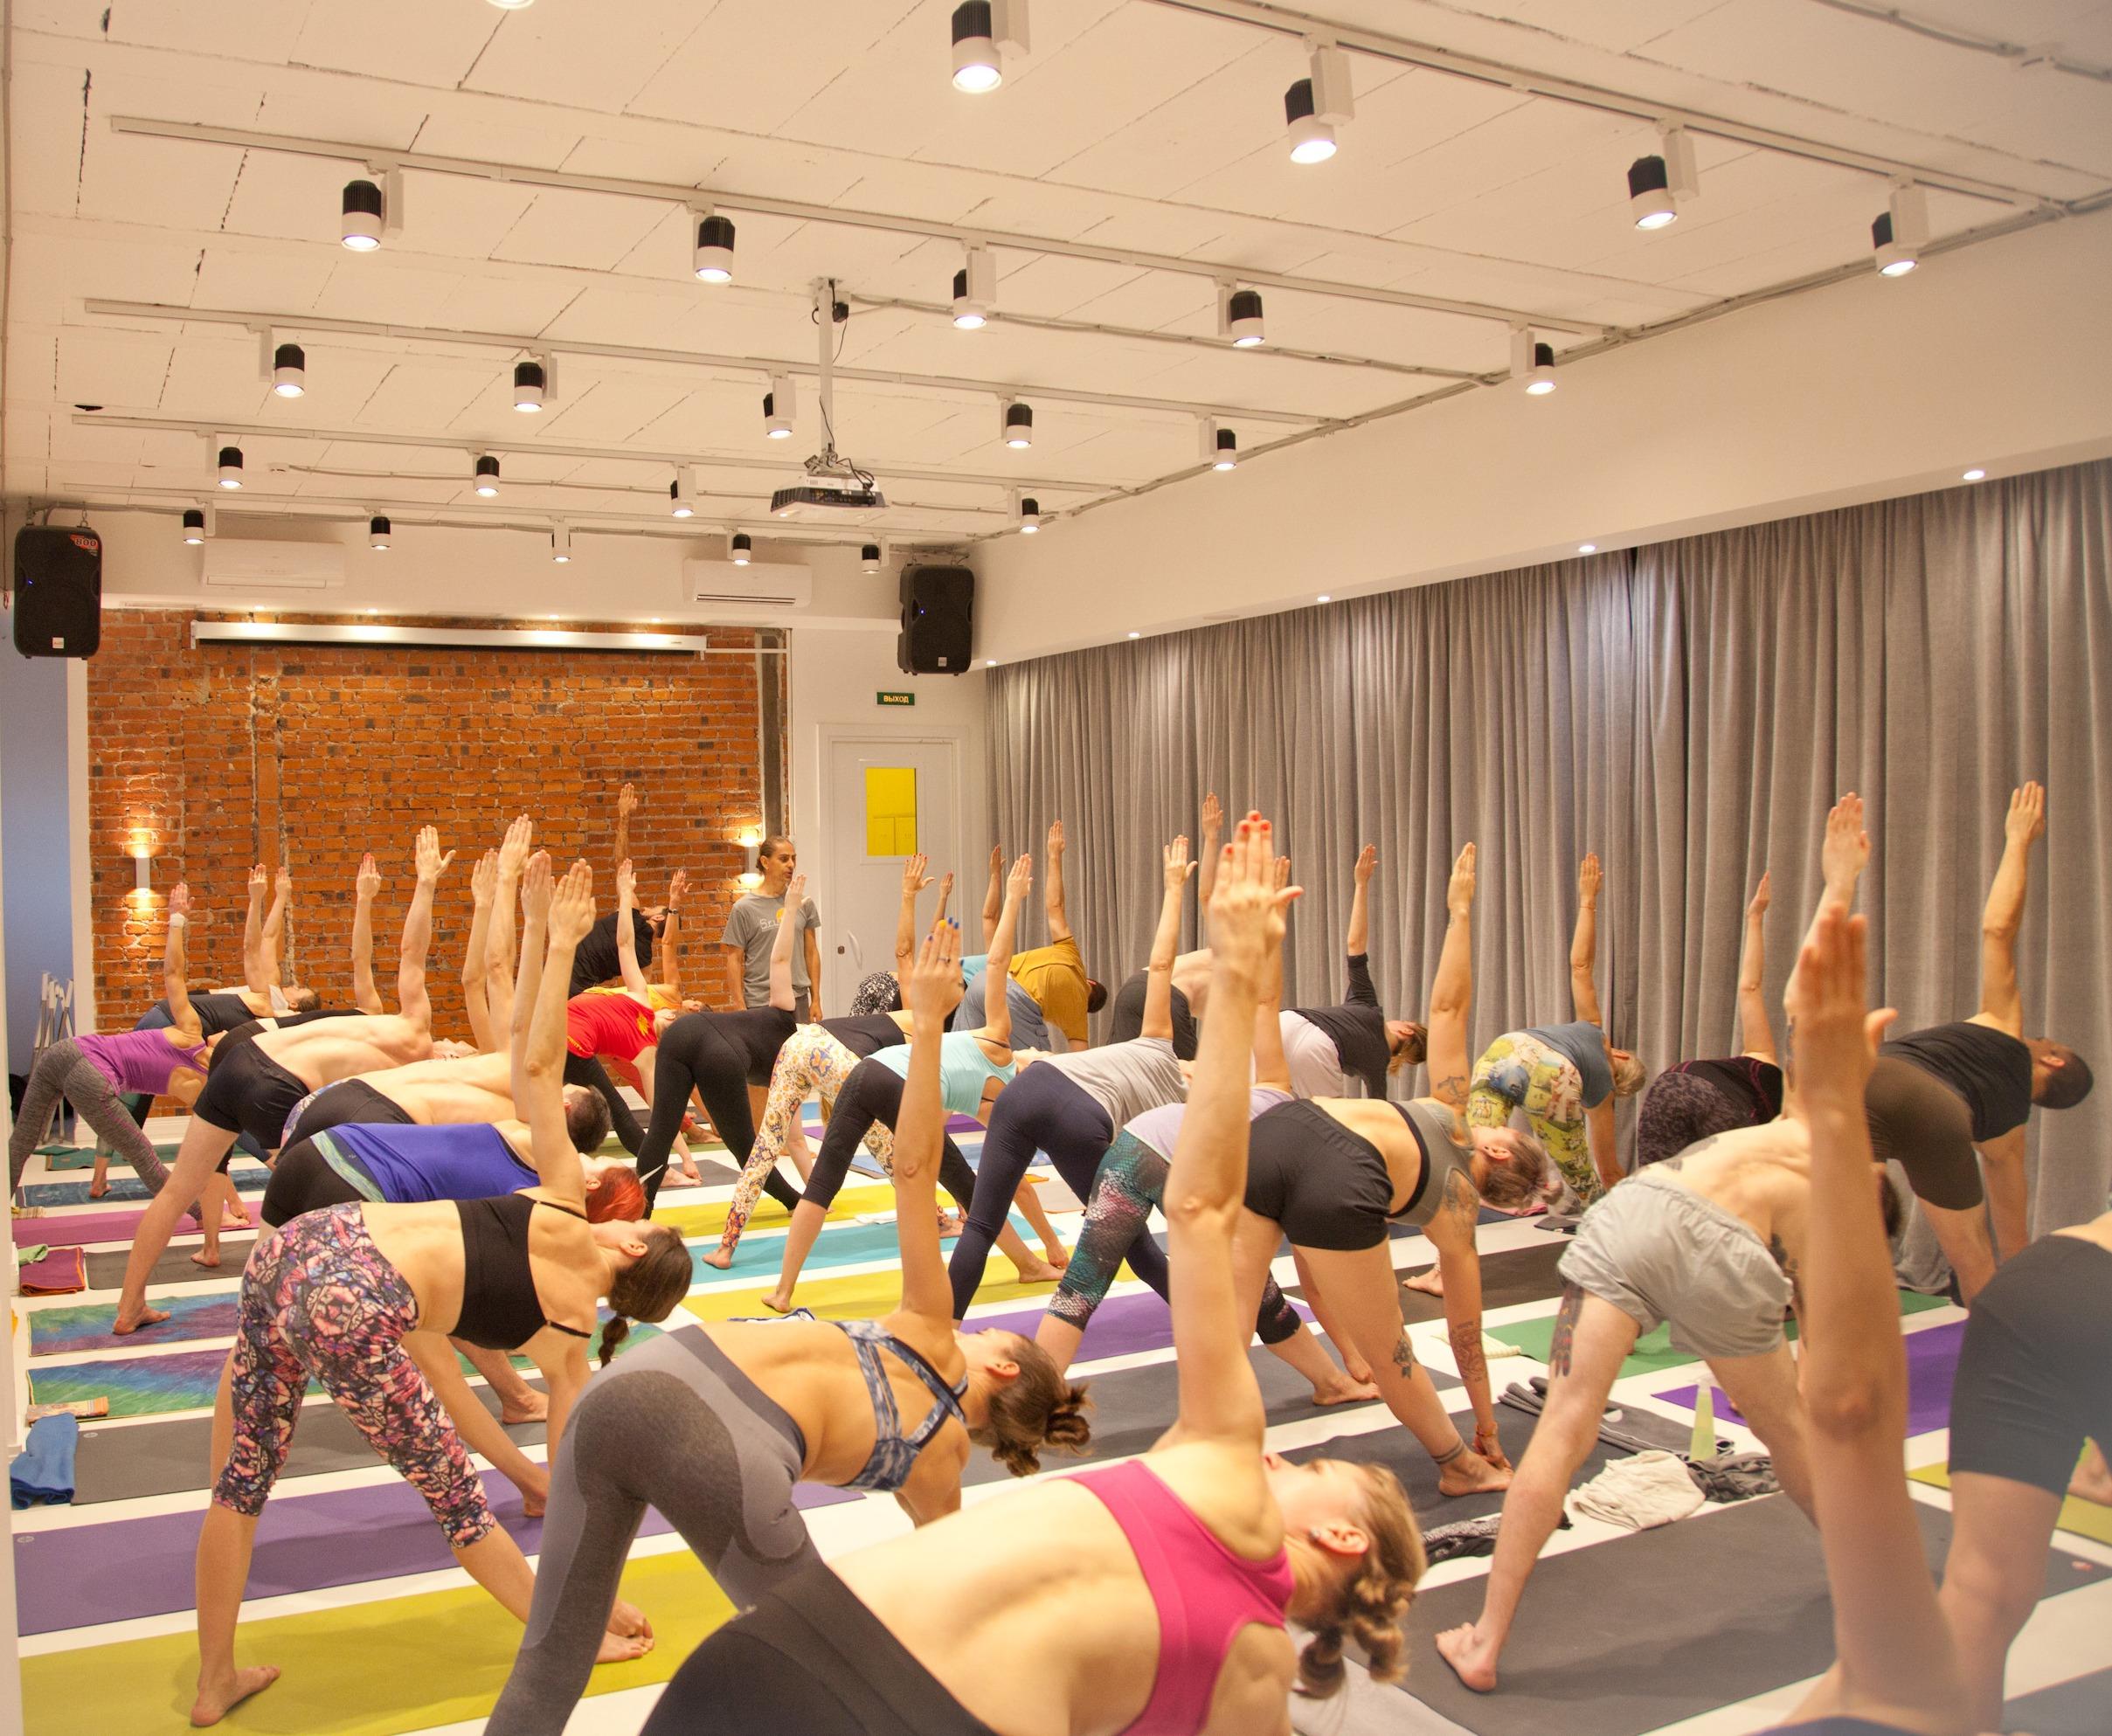 Йога для начинающих в Санкт-Петербурге | Yoga Shala